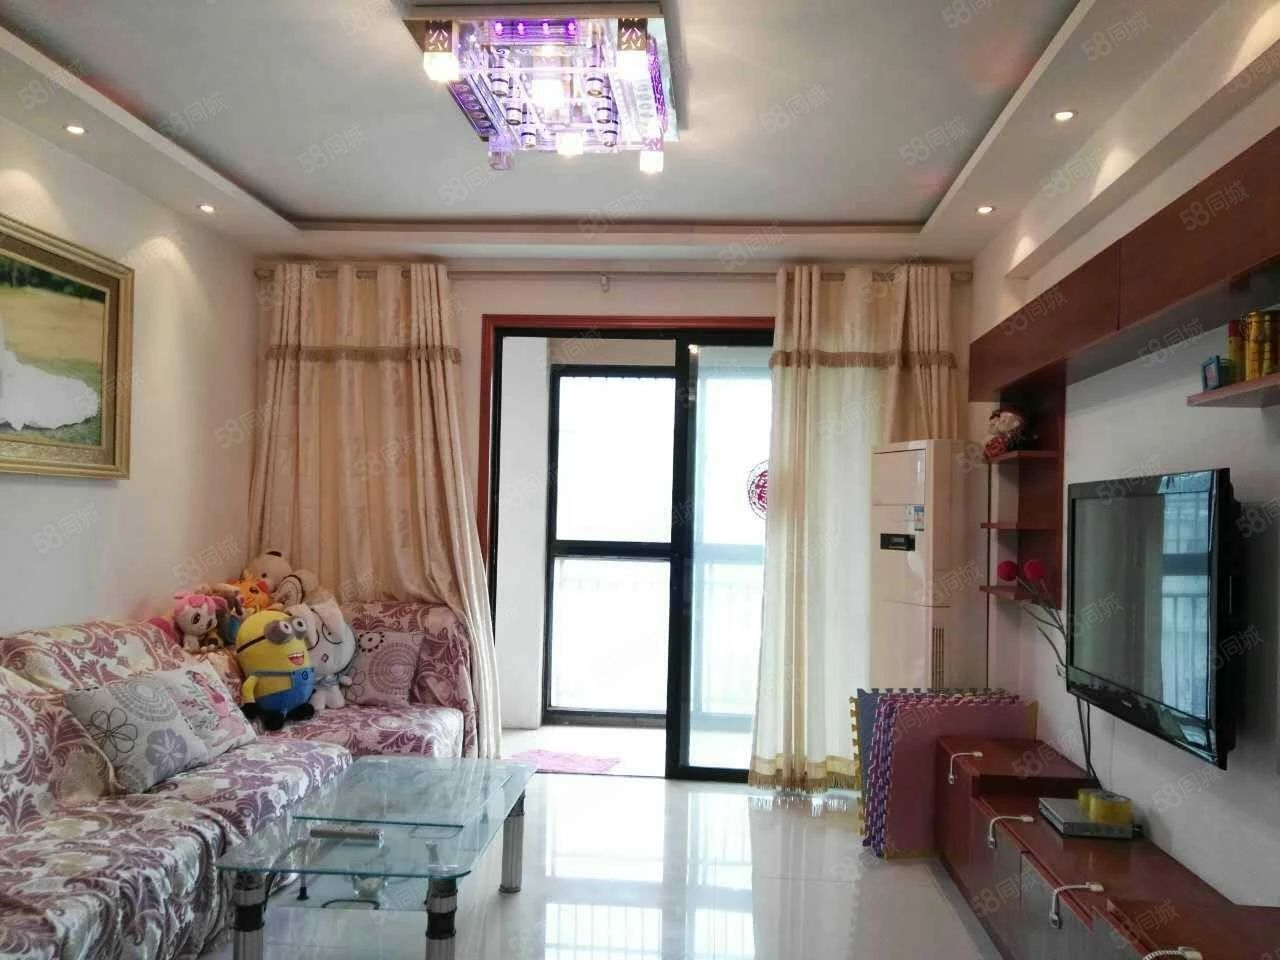 潜山皖西南大市场三室两厅婚房精装拎包入住对外出租